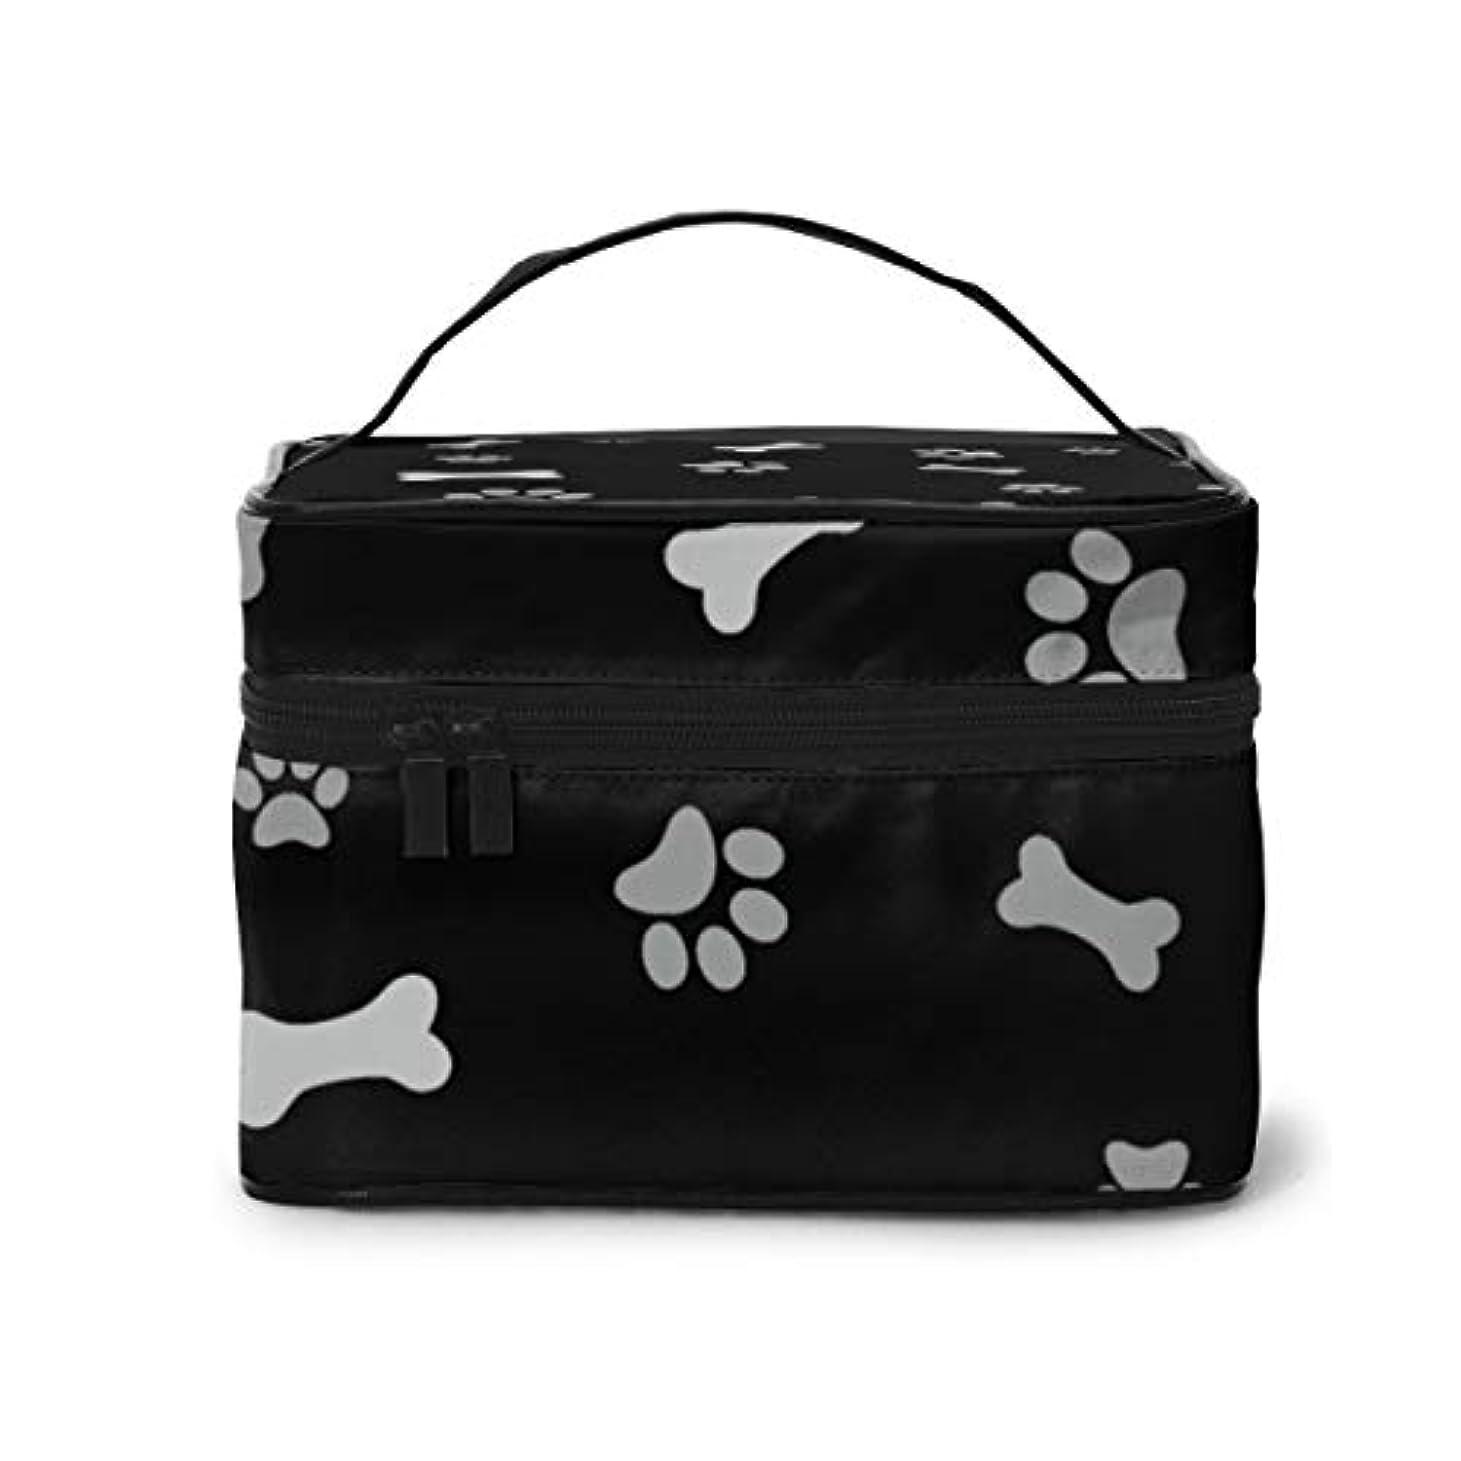 むしゃむしゃ案件発送メイクポーチ 化粧ポーチ コスメバッグ バニティケース トラベルポーチ 犬 イヌ 骨 足 雑貨 小物入れ 出張用 超軽量 機能的 大容量 収納ボックス